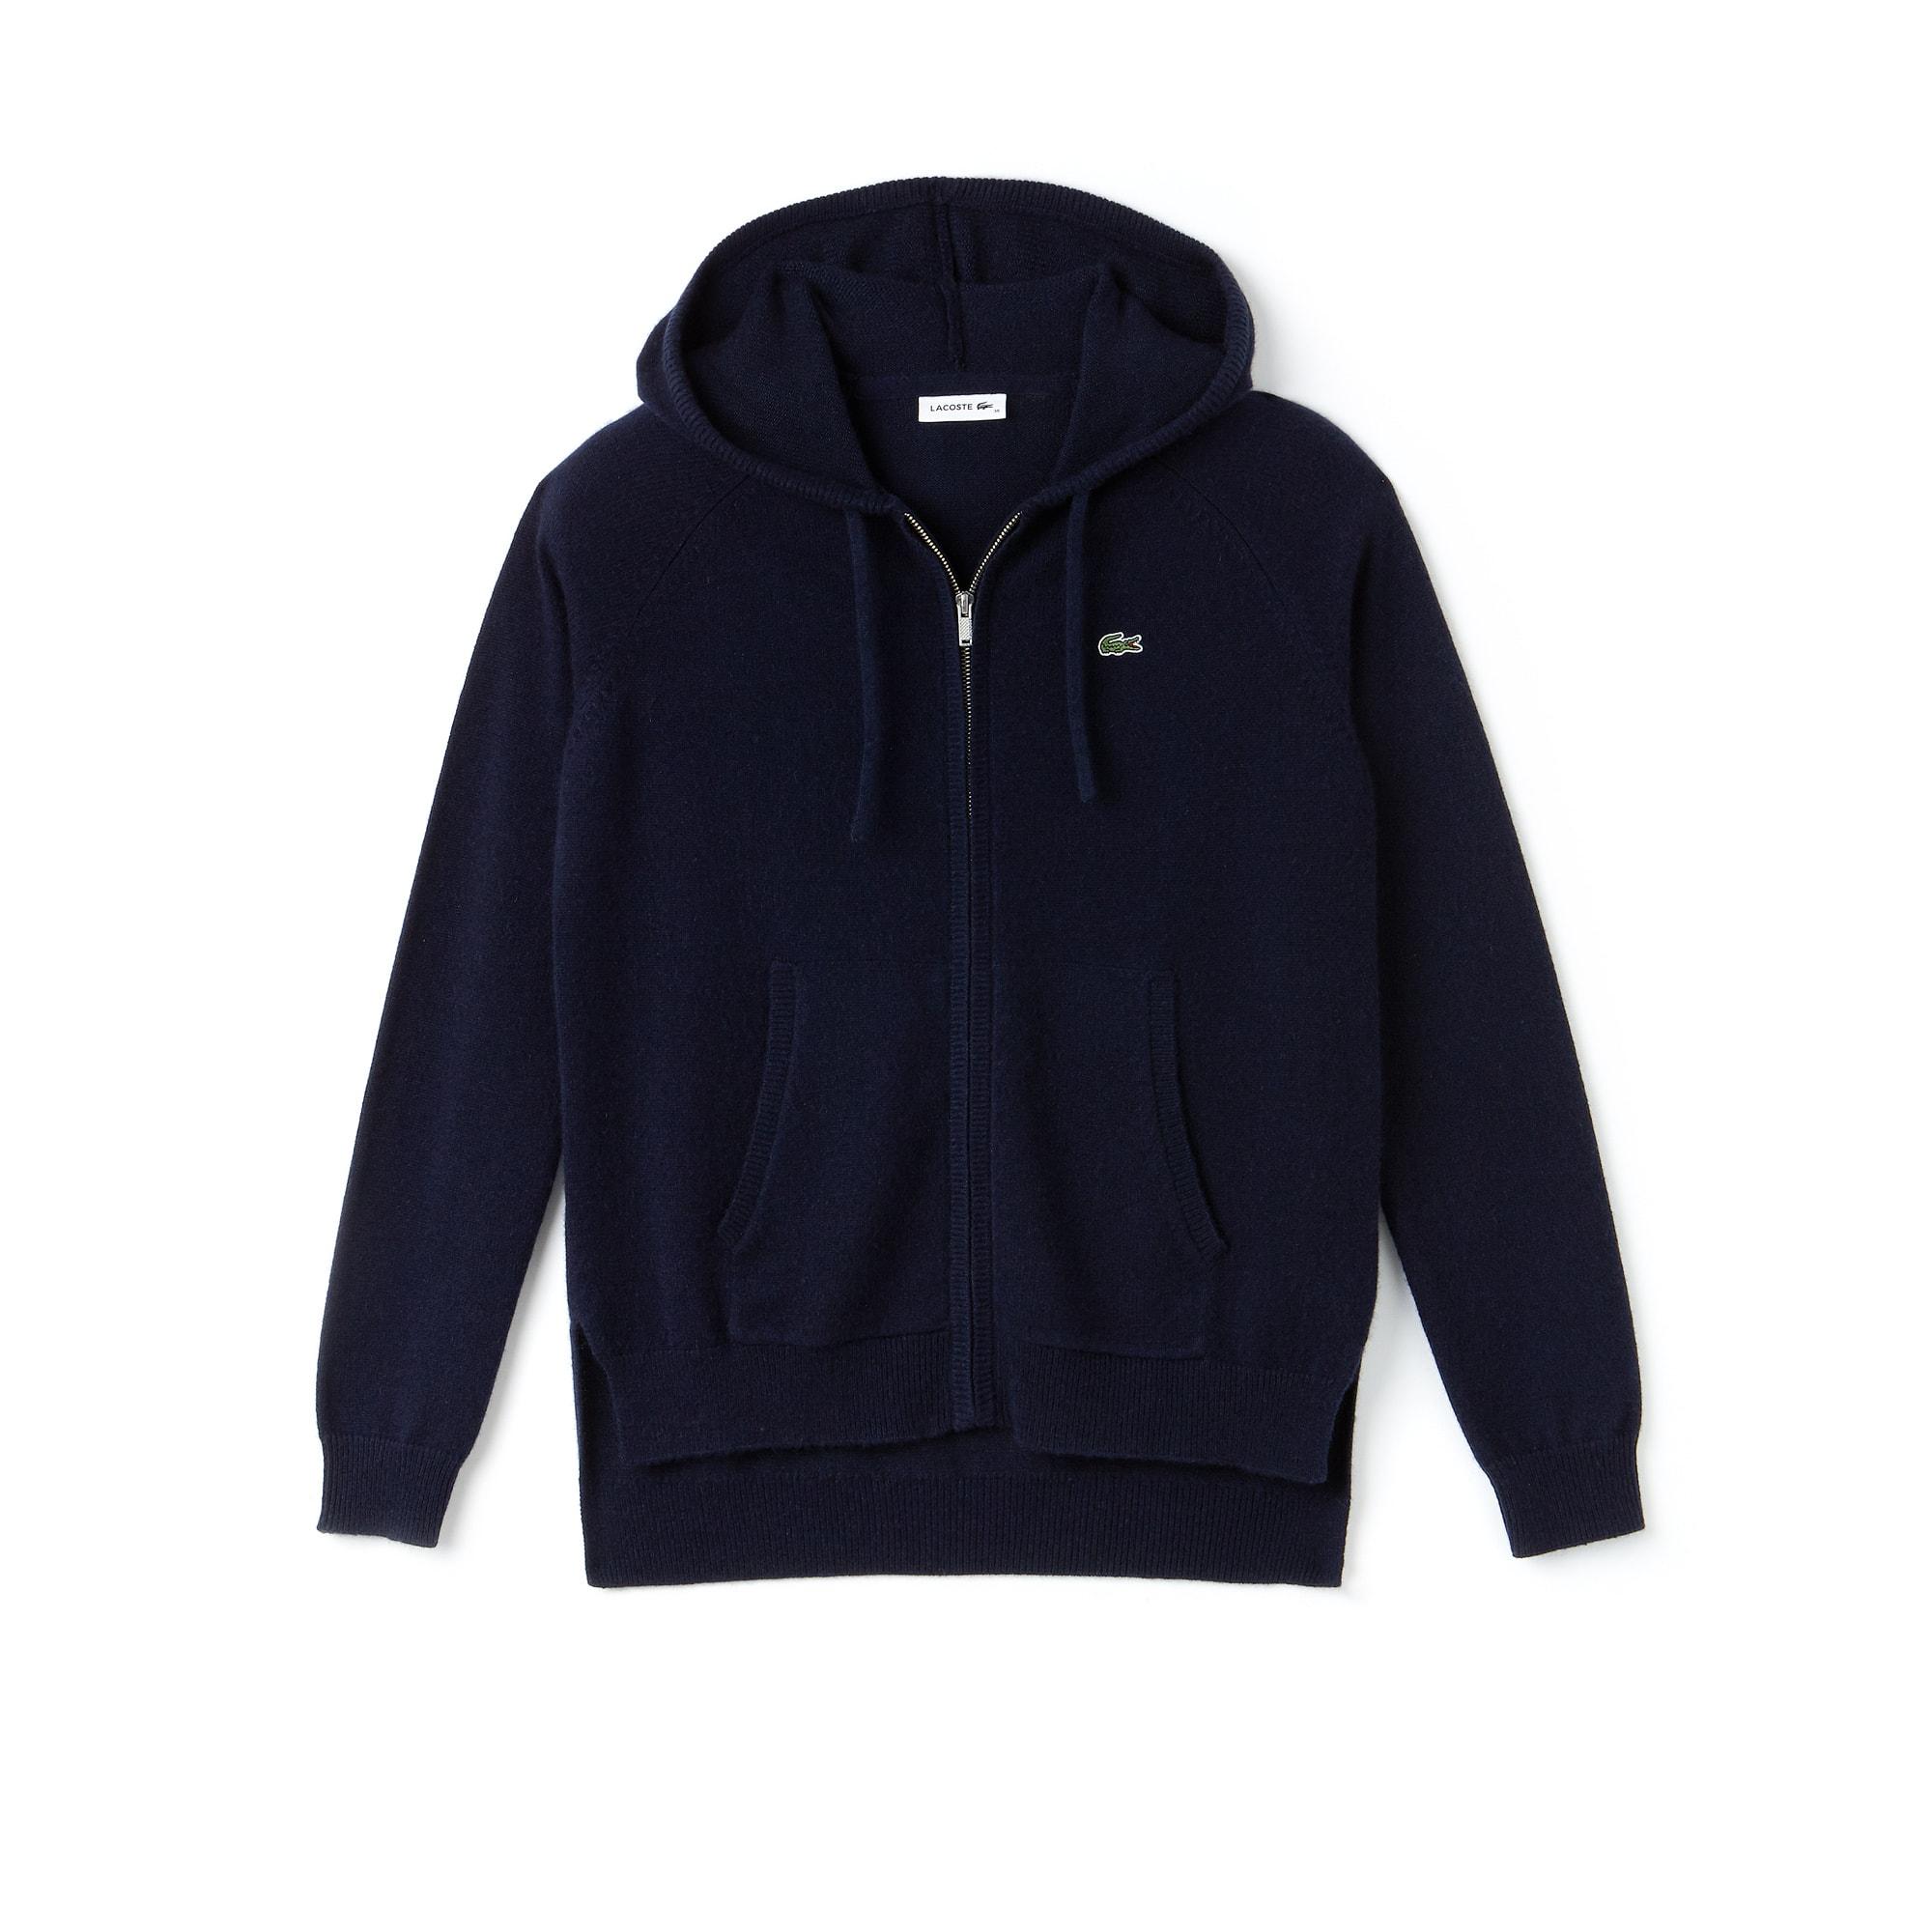 Women's SPORT Tennis Cashmere Jersey Zip Sweatshirt